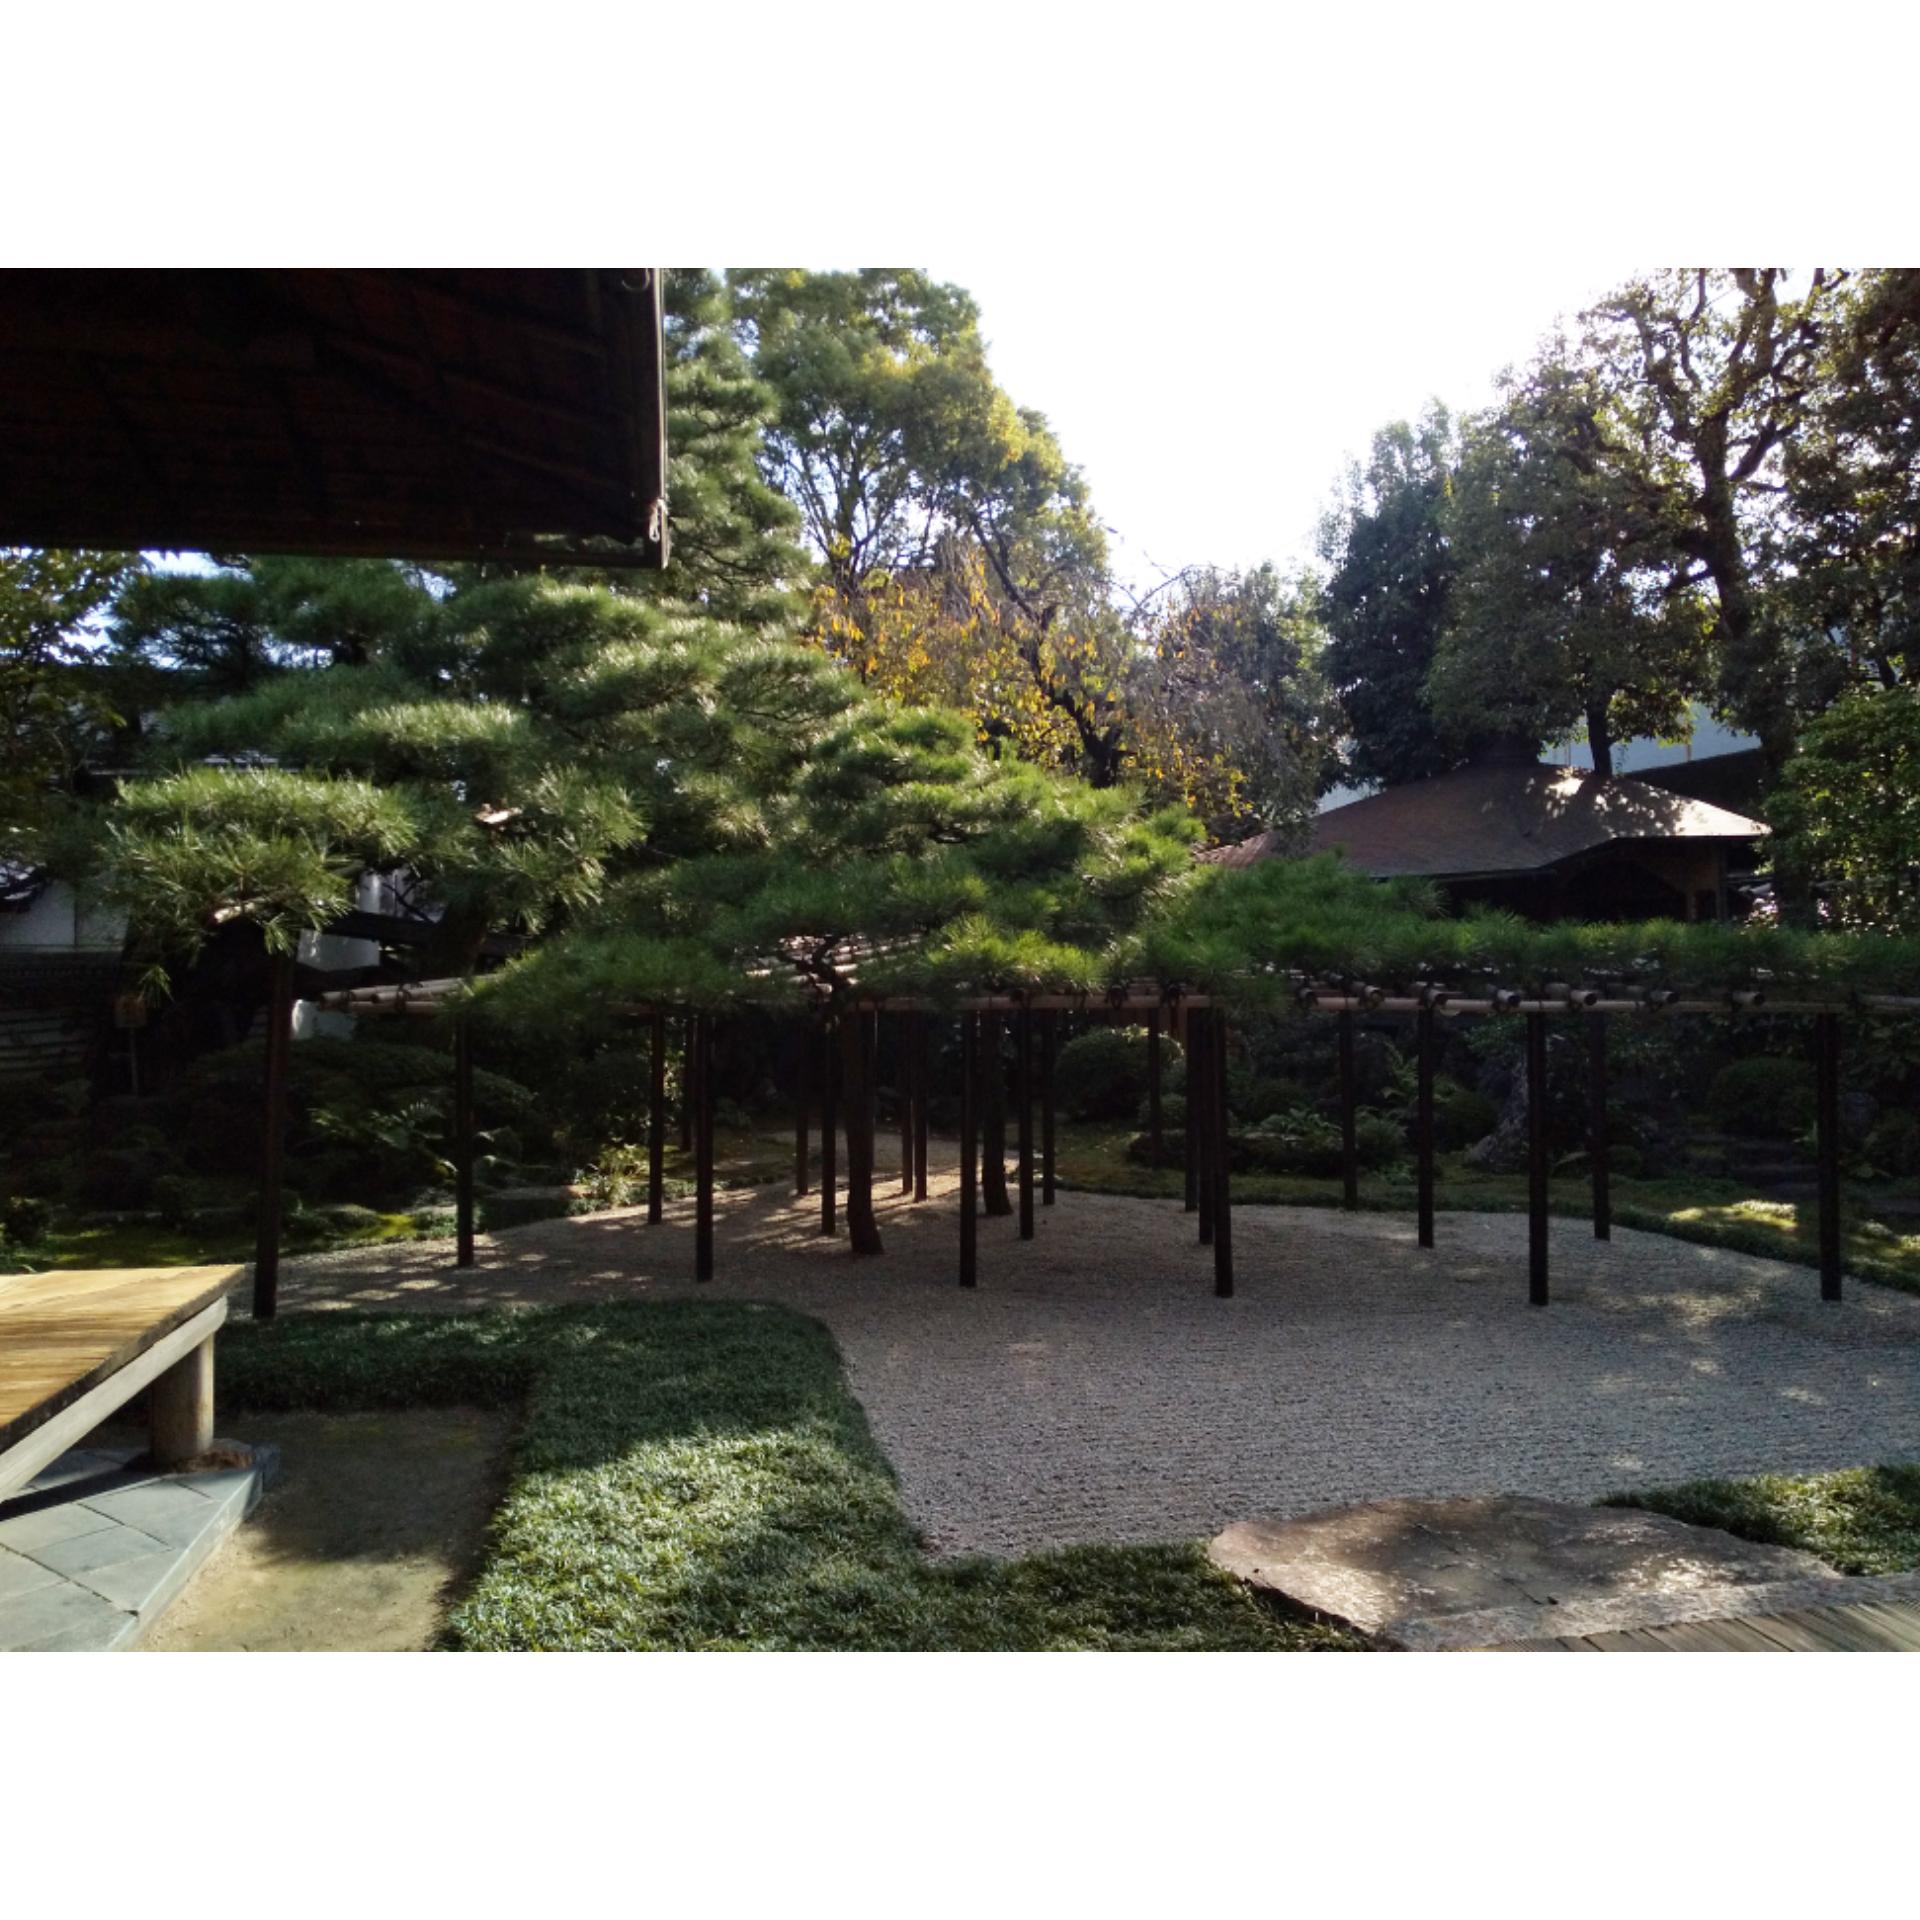 角屋 臥龍松の庭